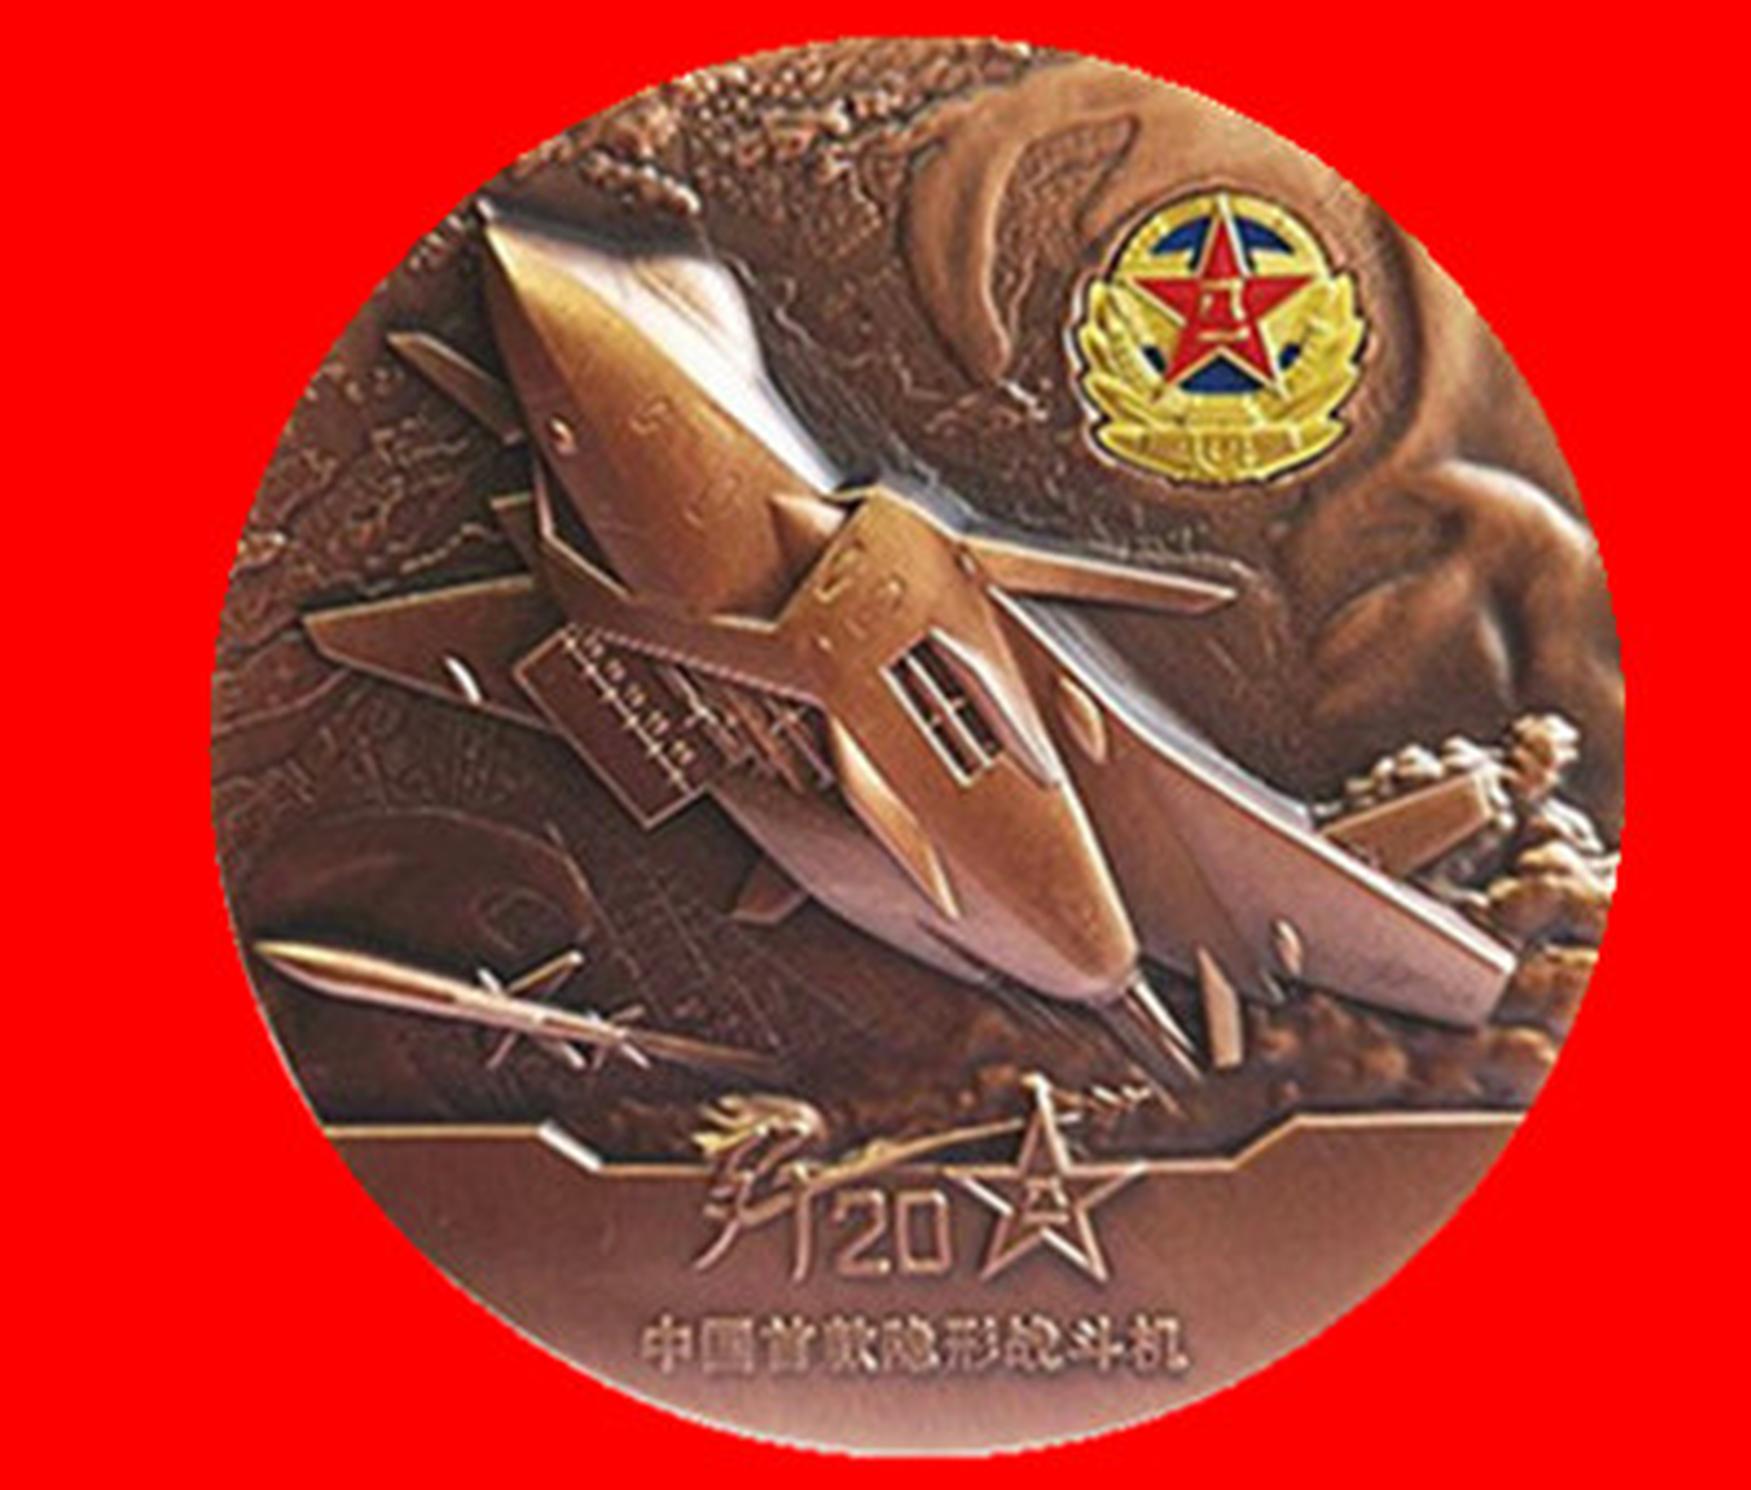 中国军事题材系列之空军歼20纪念铜章在上海首发